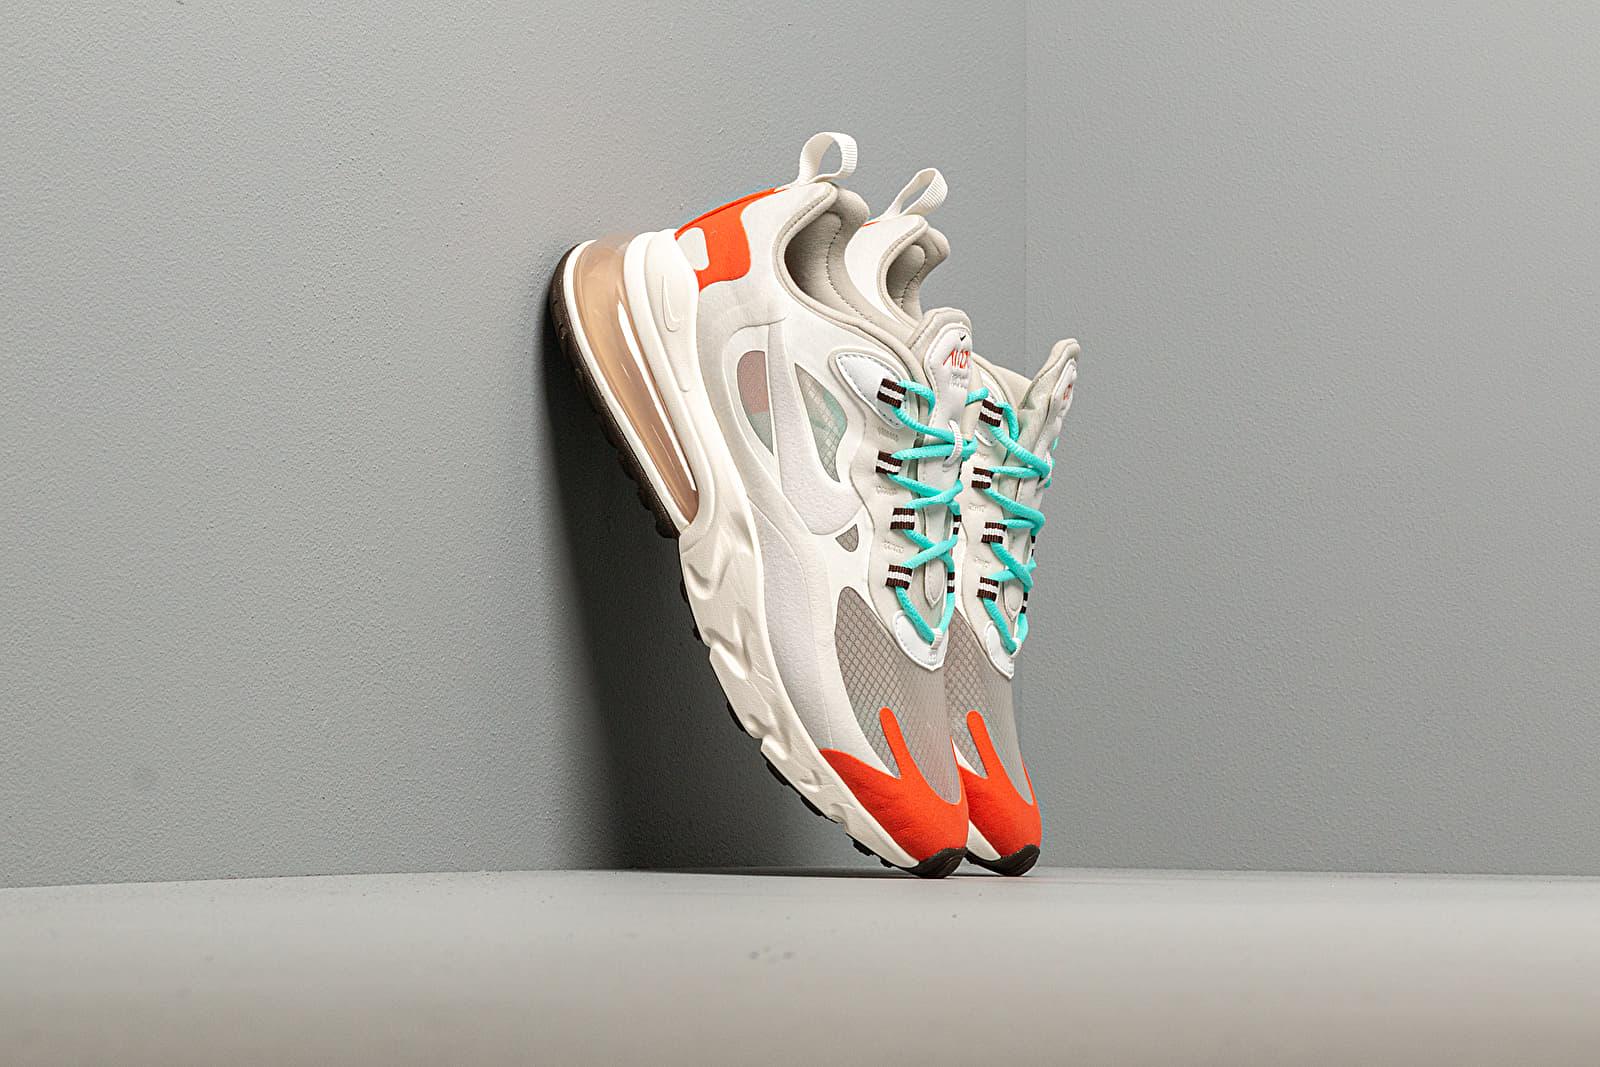 Dámské tenisky a boty Nike W Air Max 270 React Lt Beige Chalk/ Platinum Tint